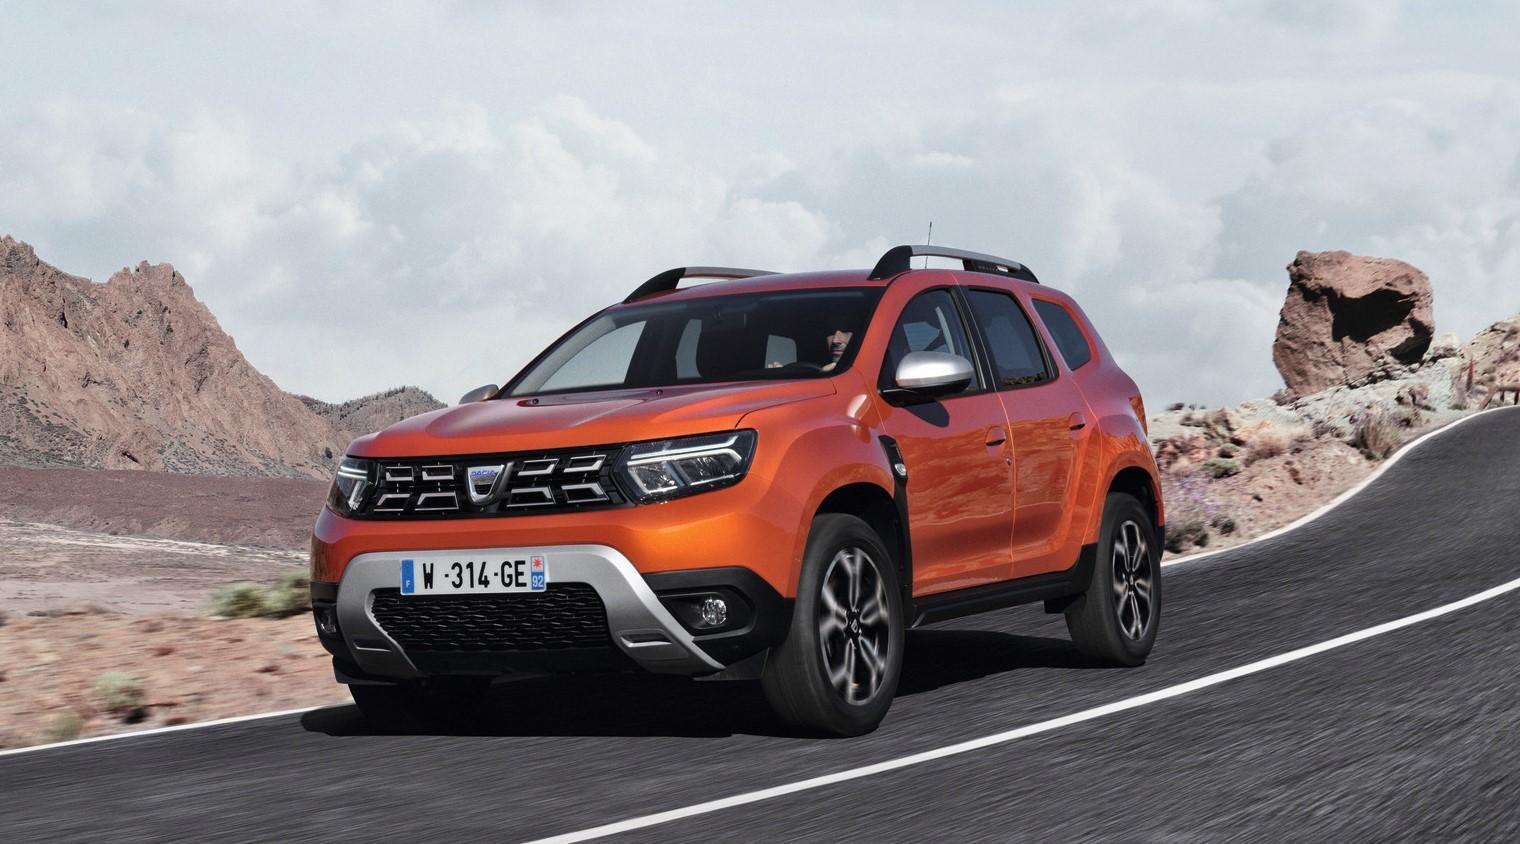 Dacia обяви, че новият Duster идва тази есен. Моделът, който